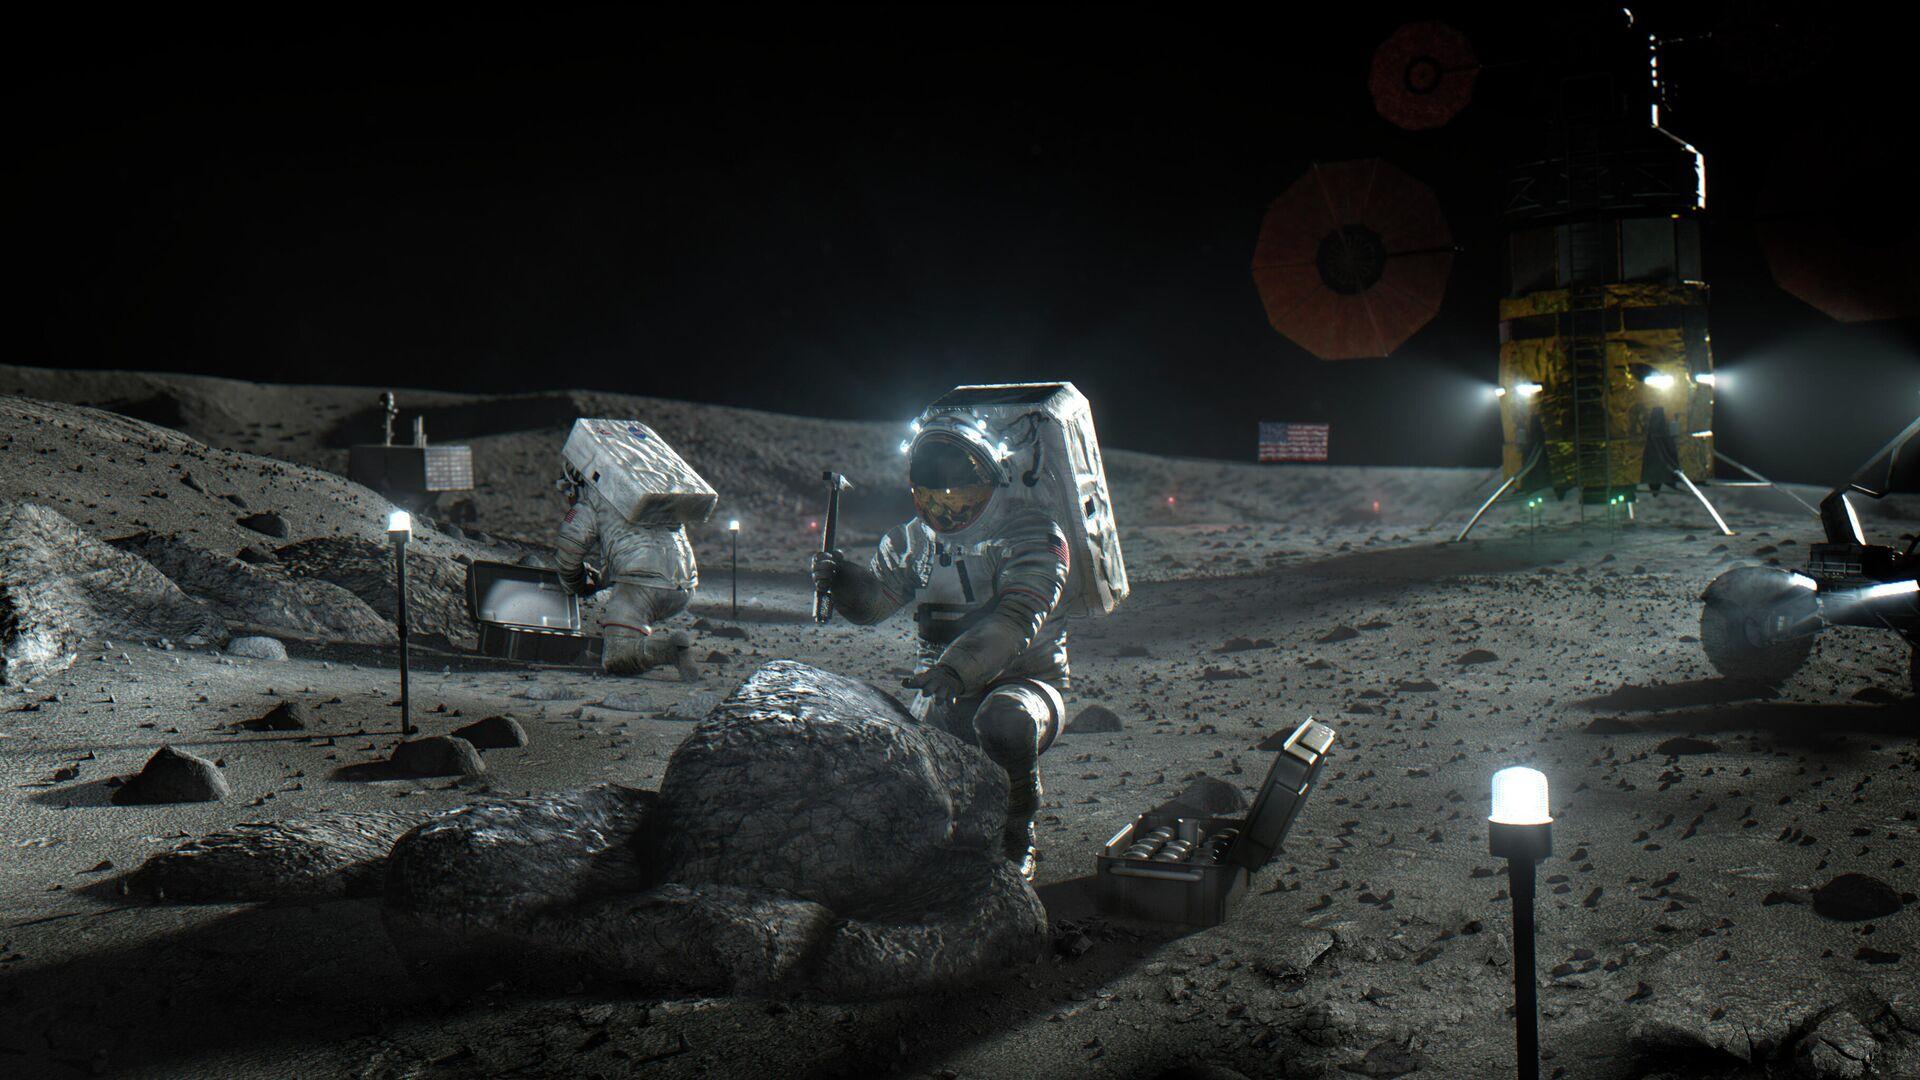 Астронавты космической программы Артемида на Луне в представлении художника - РИА Новости, 1920, 26.10.2020